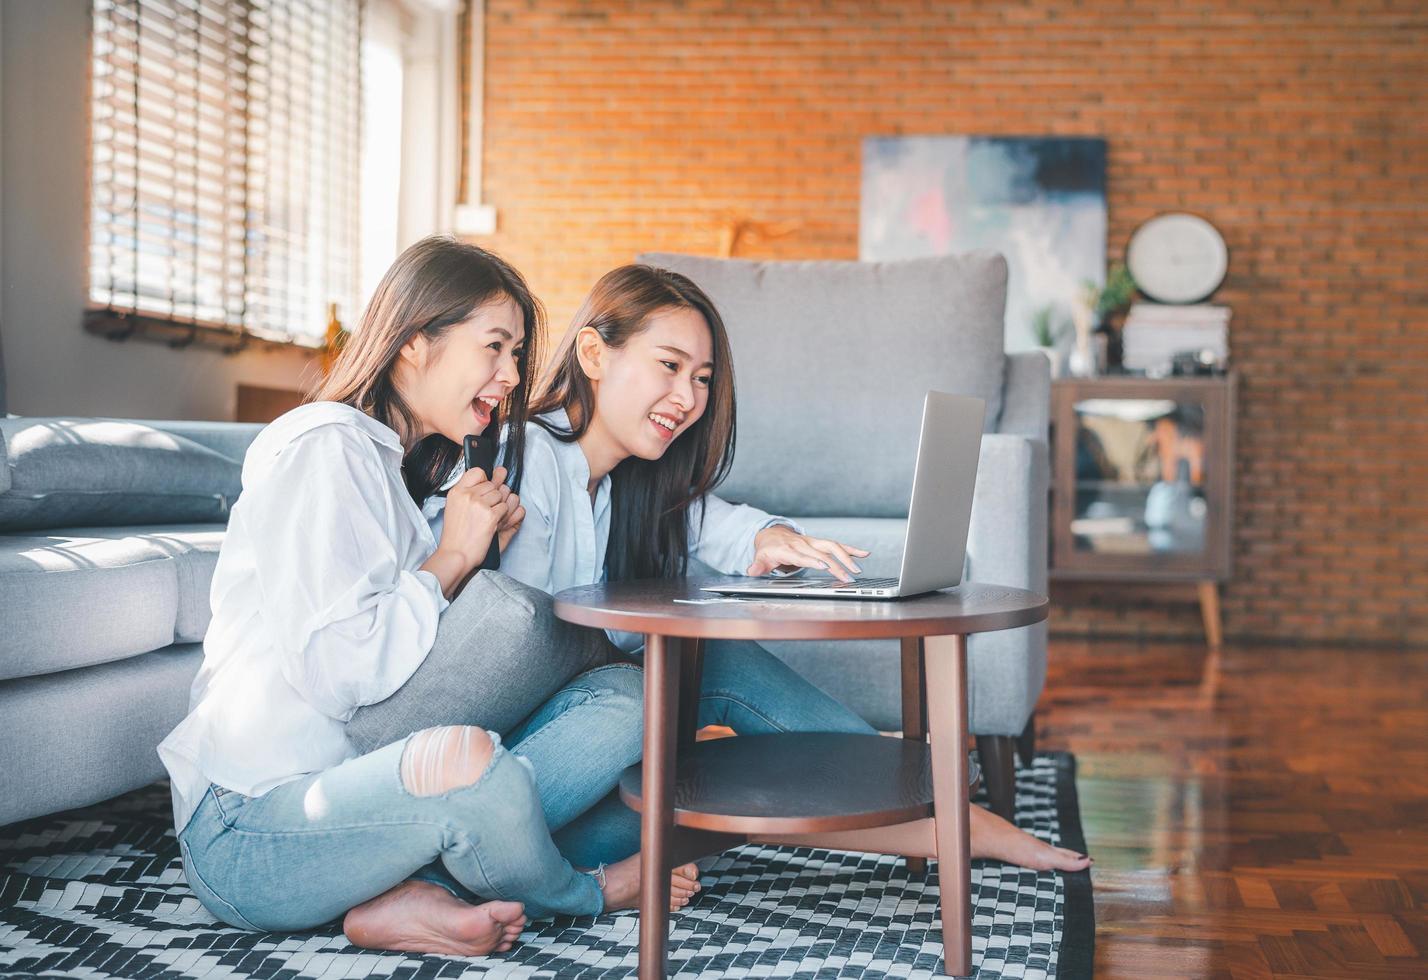 deux, femmes asiatiques, rire, quoique, travailler, à, ordinateur portable, chez soi photo